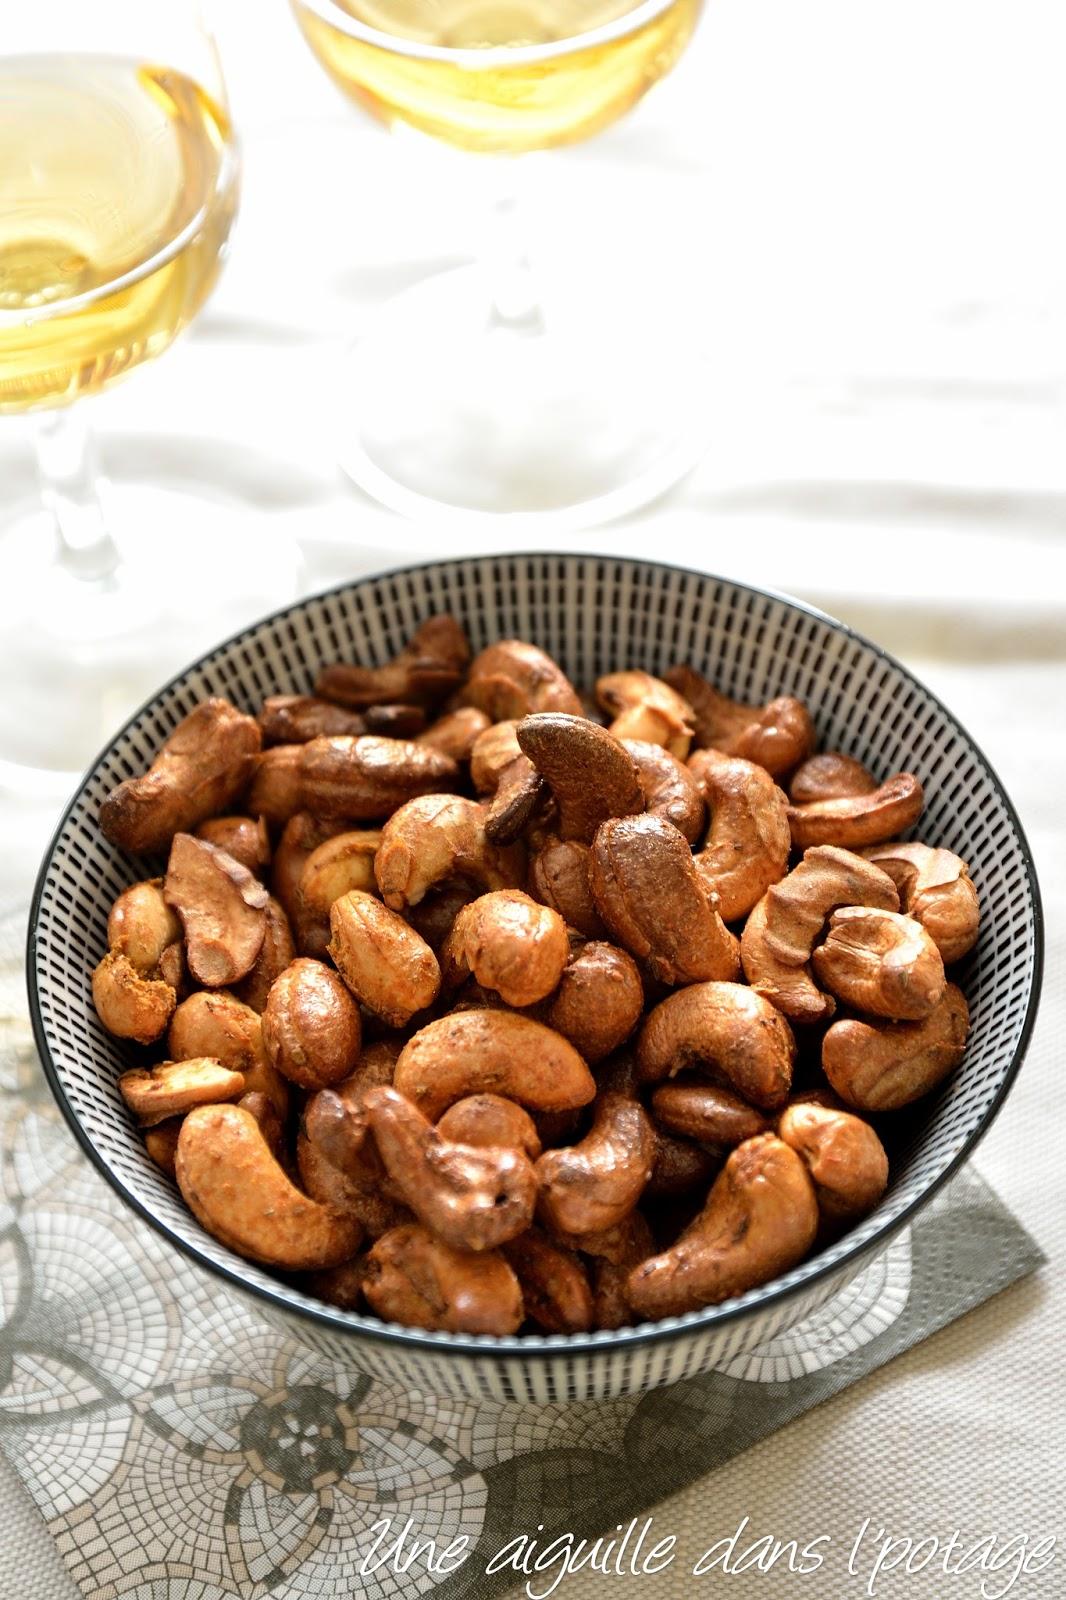 Une aiguille dans l 39 potage noix de cajou aux pices for Quand ramasser les noix